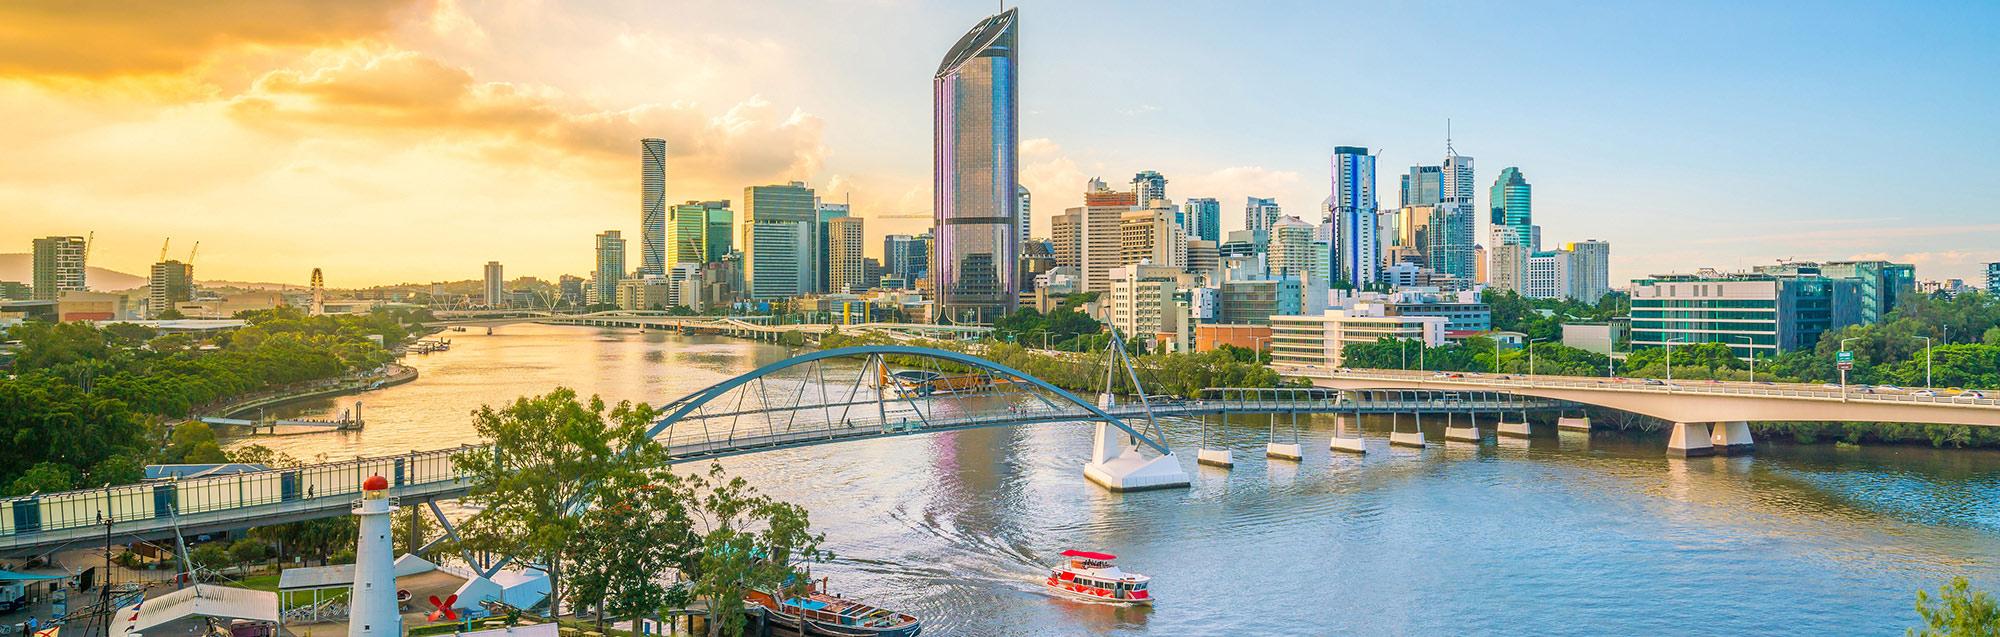 Dein Sprachkurs in einer Sprachschule Brisbane